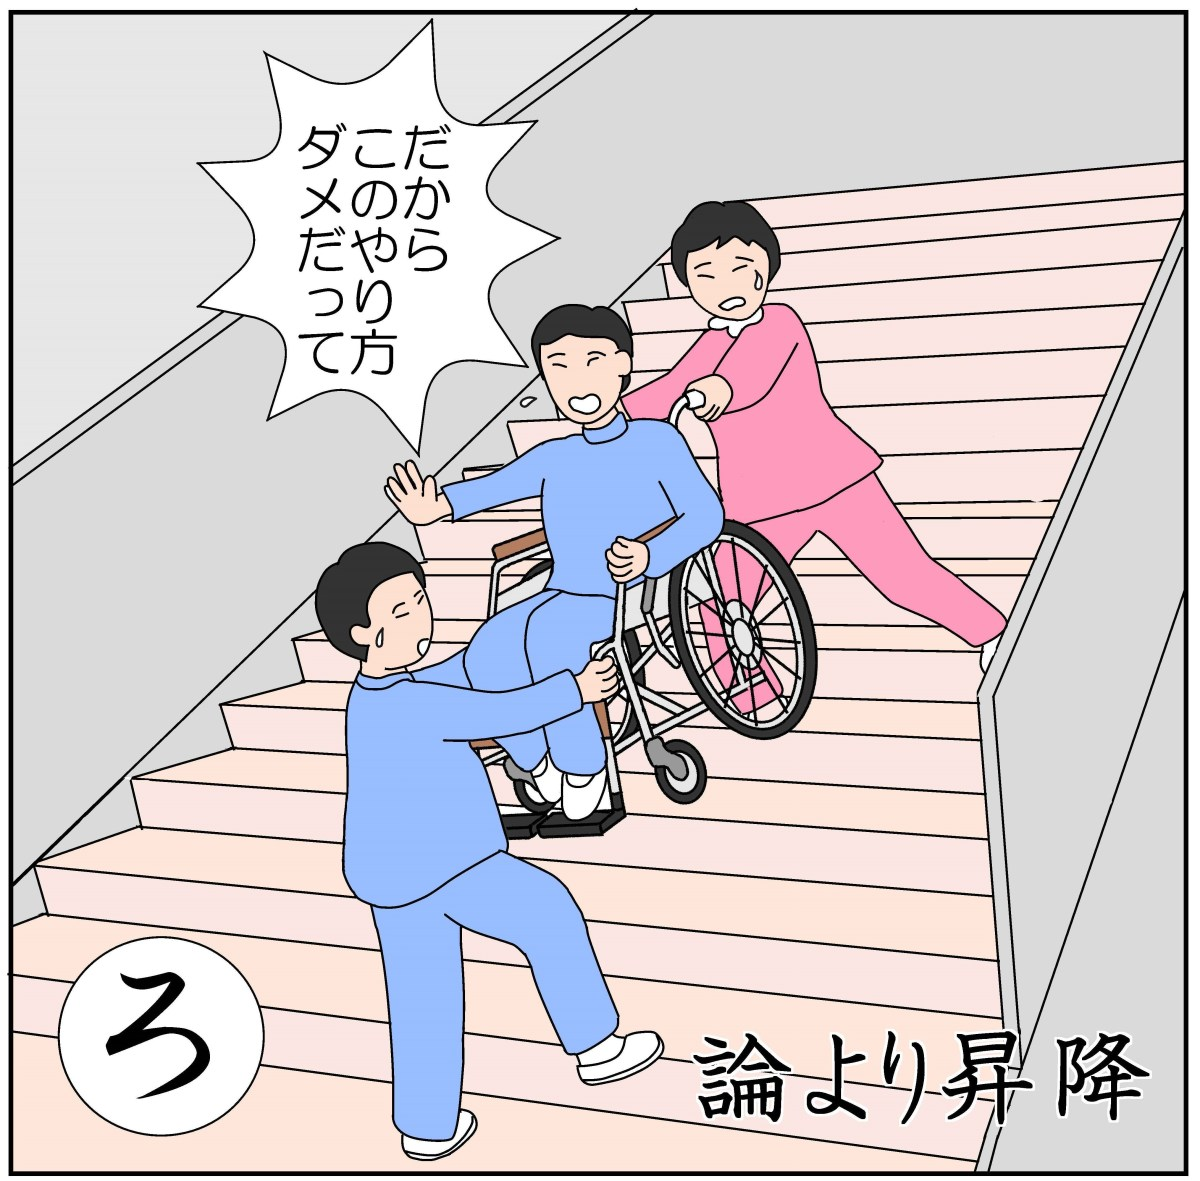 講義で車椅子の階段昇降の方法について説明をうけるが、やはり実物の車椅子や階段が無いと分かりにくい。講義で論ずるより、実際の階段で車椅子に人を乗せて訓練を行い、多くの危険を察知し、コツをつかむ方が技術の向上につながるという意味。